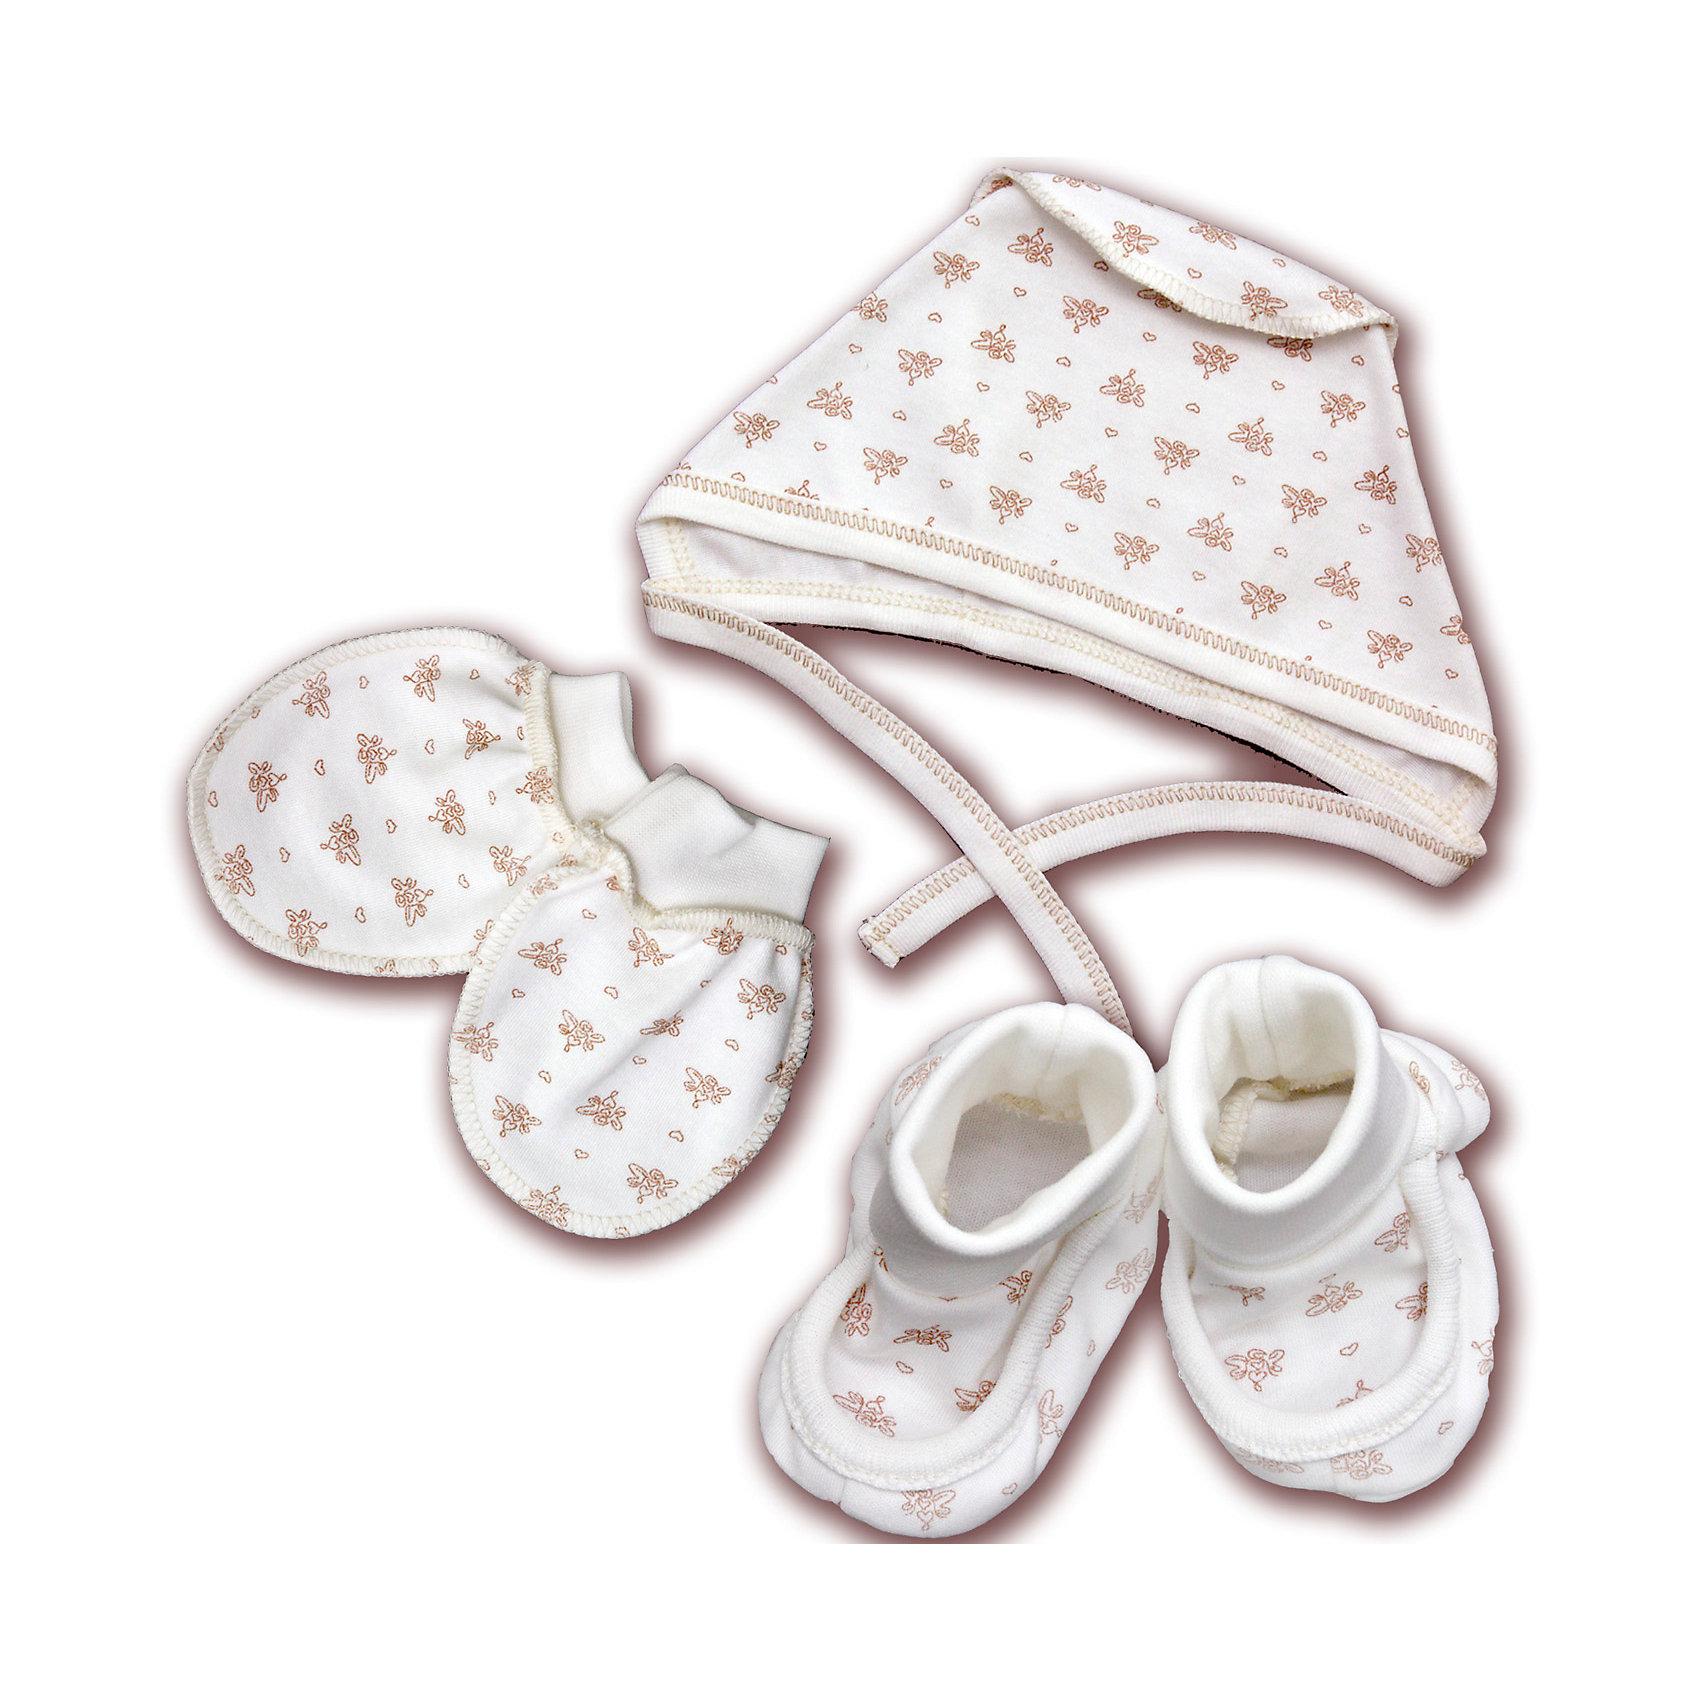 Комплект из 3-х предметов МамуляндияКомплект для новорожденных из 3-х предметов. В комплект входят: чепчик, царапки и пинетки. <br>Состав 100% хлопок (пенье)<br>Размеры: 36, 40, 44<br>Рекомендации по уходу: стирать при 40 С, гладить при средней температуре. Состав: 100% хлопок<br><br>Ширина мм: 157<br>Глубина мм: 13<br>Высота мм: 119<br>Вес г: 200<br>Цвет: бежевый<br>Возраст от месяцев: 1<br>Возраст до месяцев: 2<br>Пол: Унисекс<br>Возраст: Детский<br>Размер: 36,40<br>SKU: 4797293